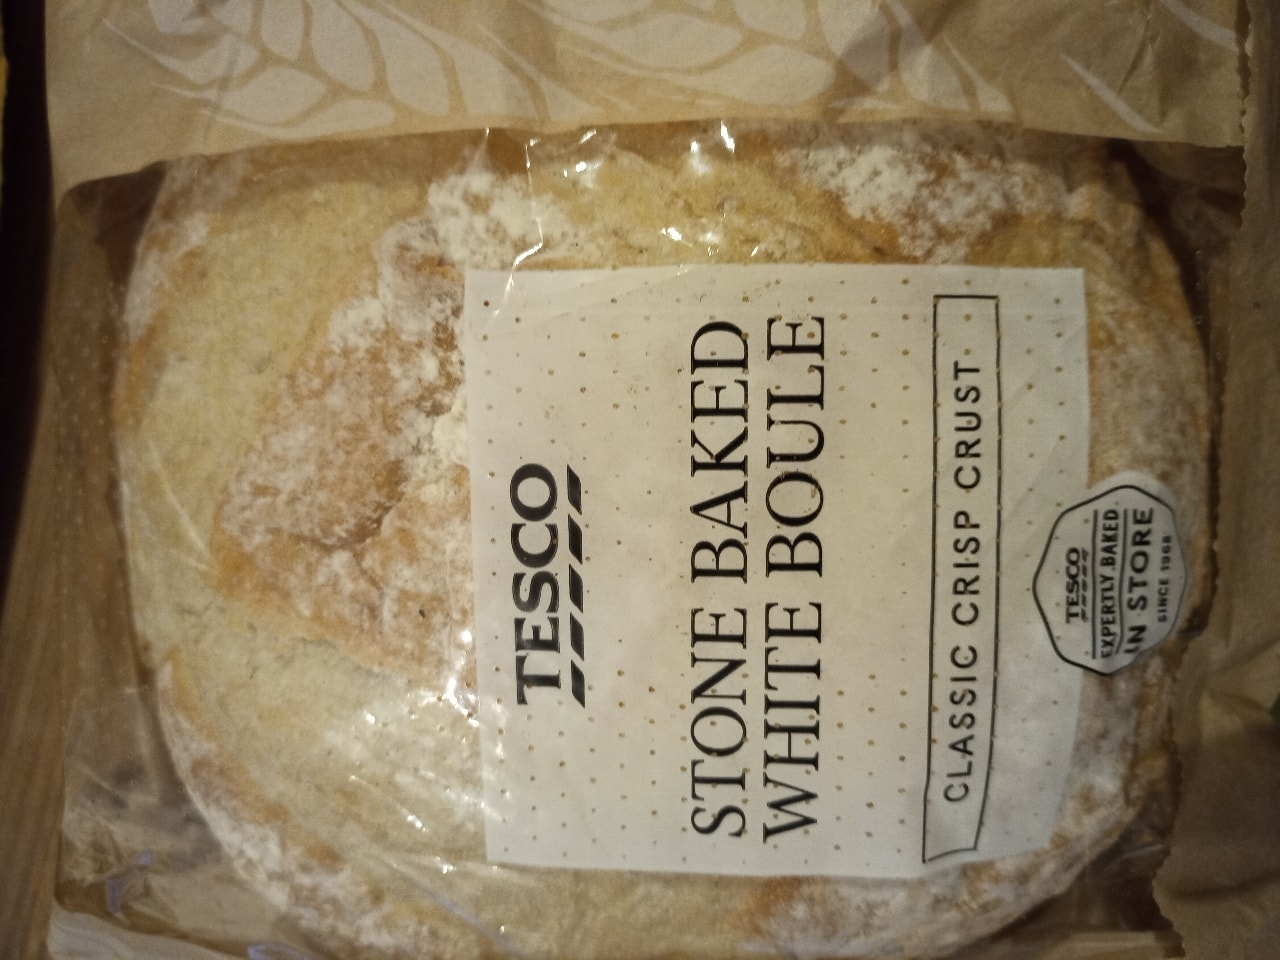 Stone baked white boule